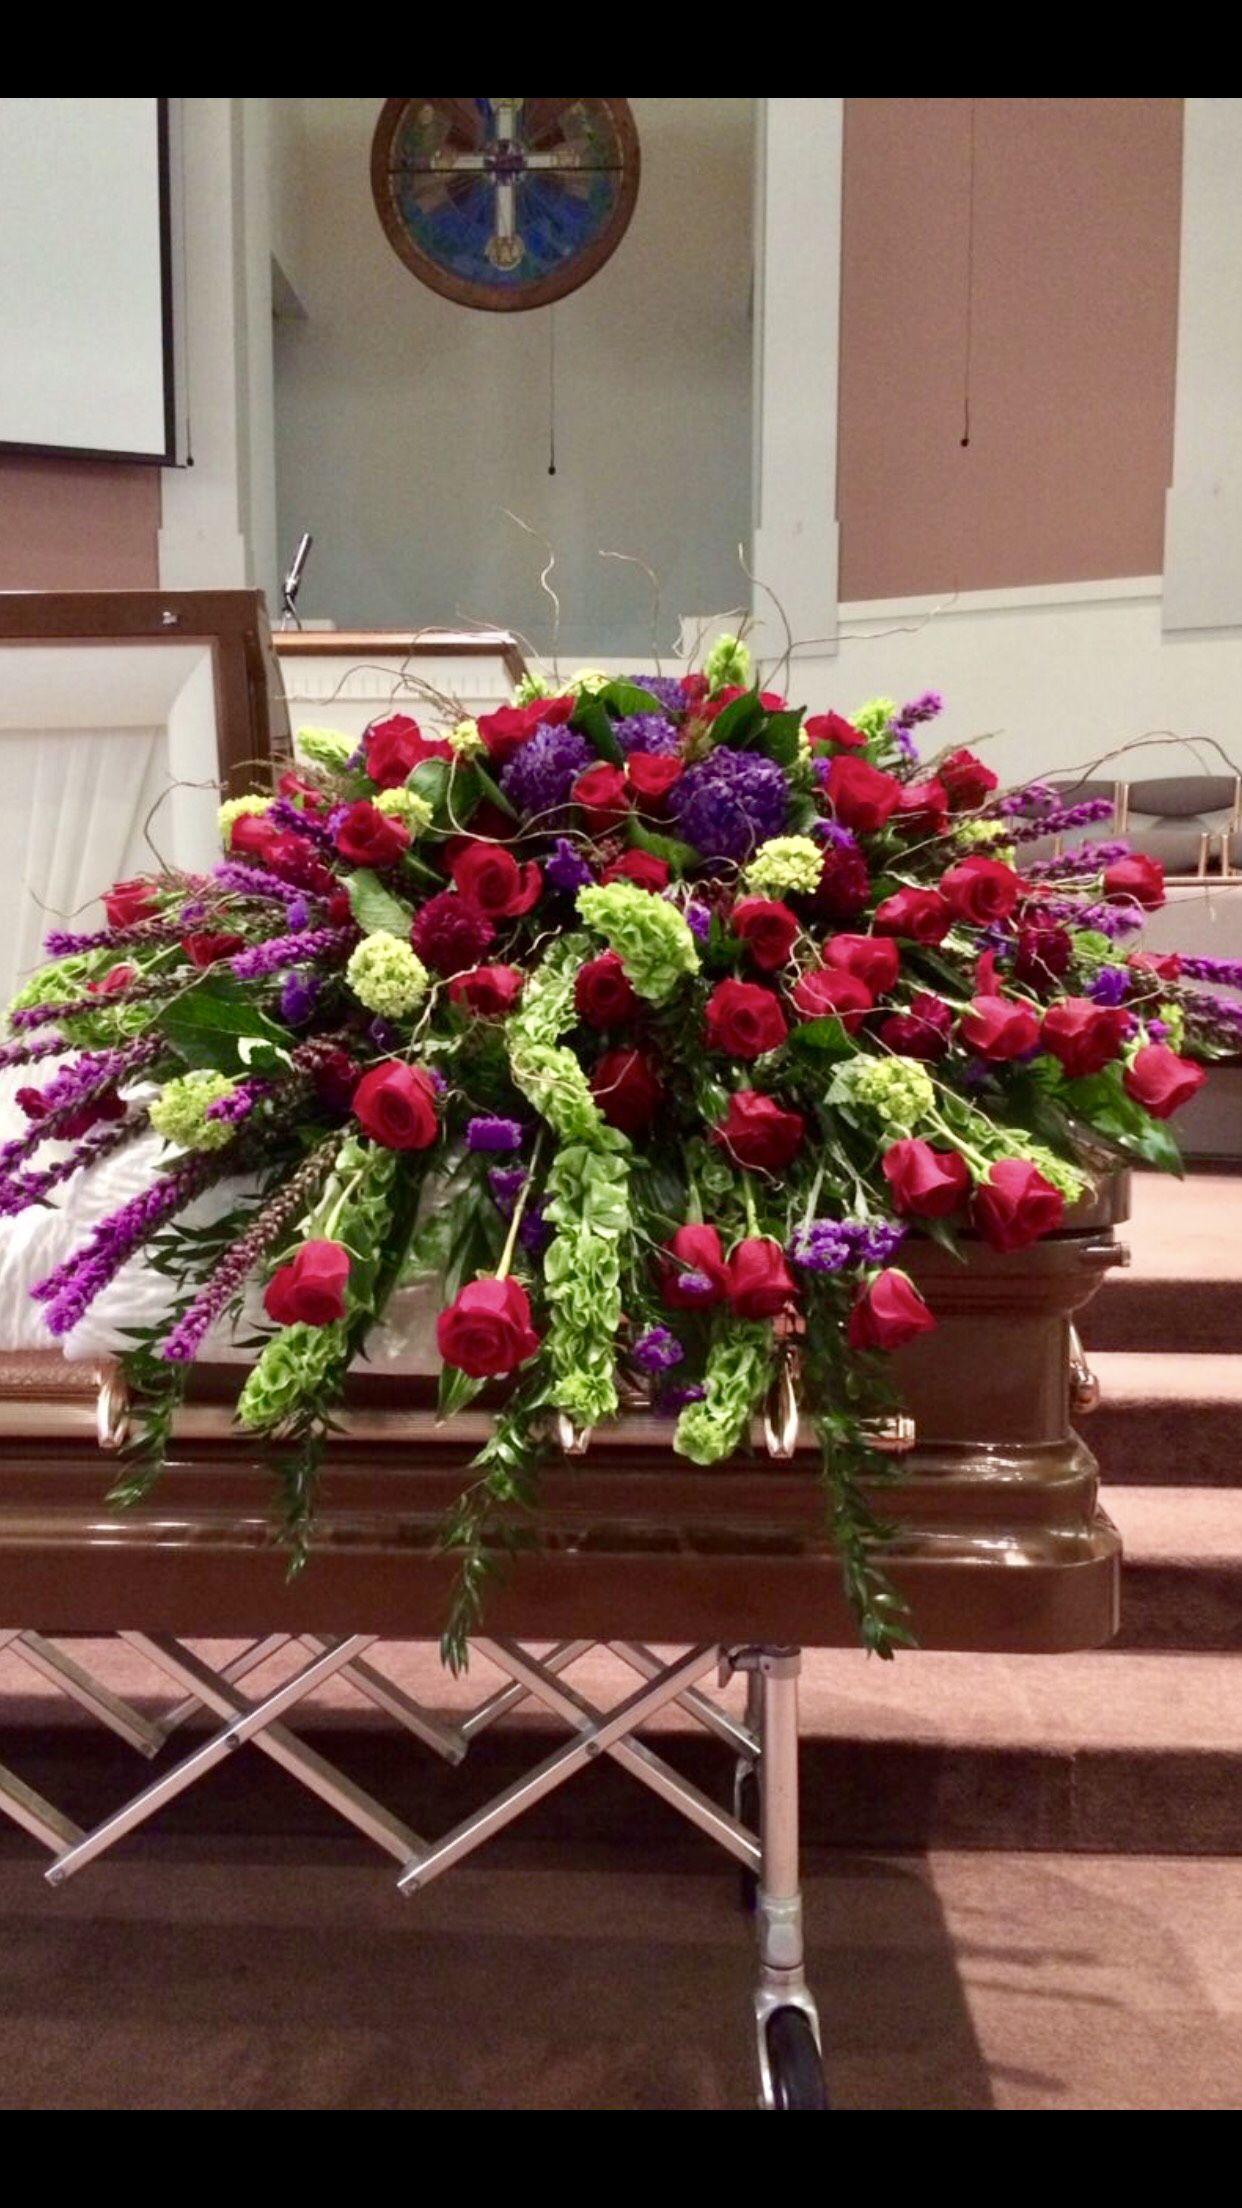 Pin By Heath Florist On Funeral Flowers Casket Spray Casket Flowers Memorial Flowers Funeral Flower Arrangements